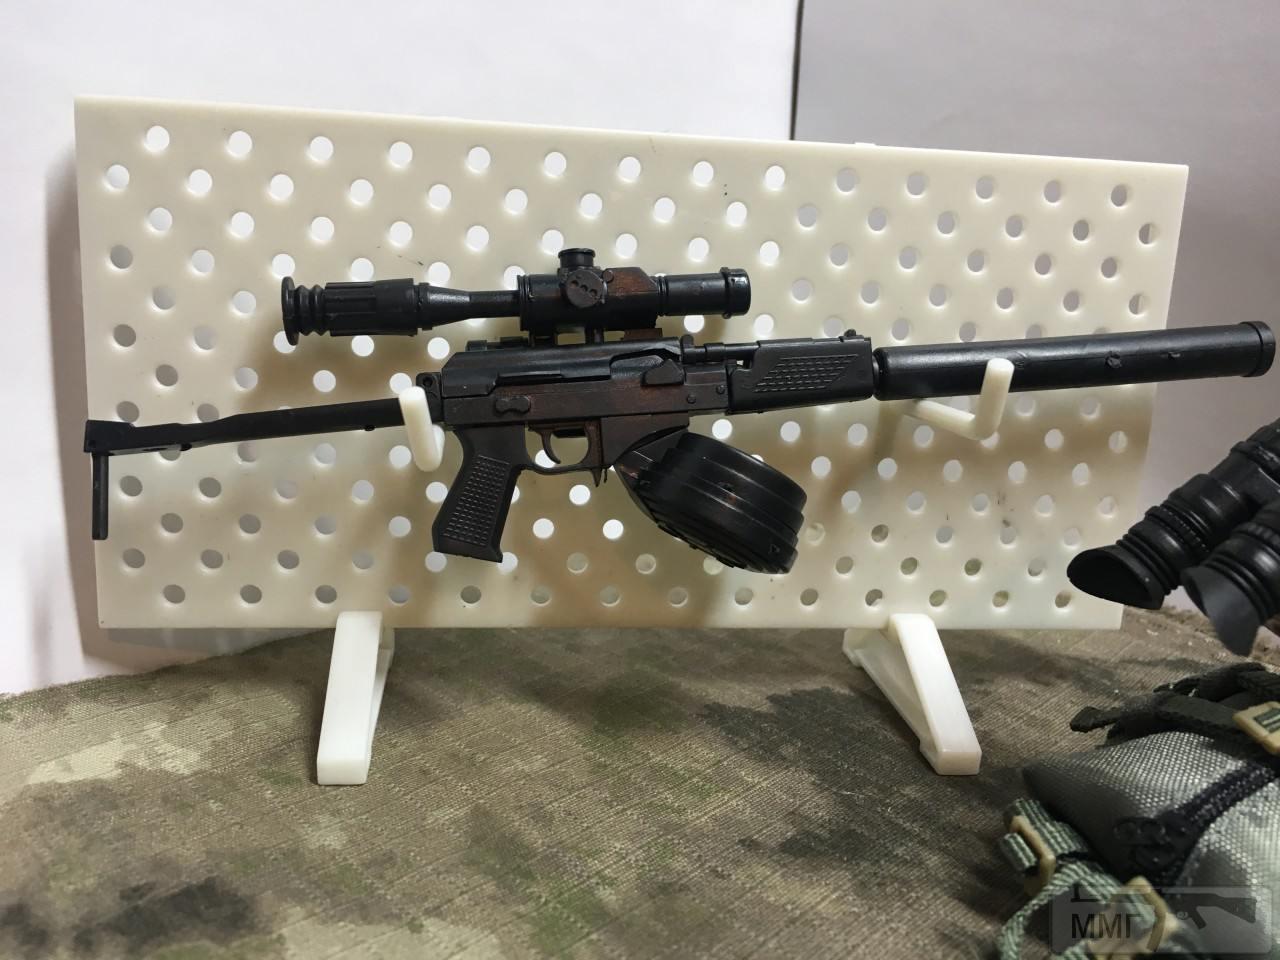 53996 - Макеты оружия/ модели 1:6